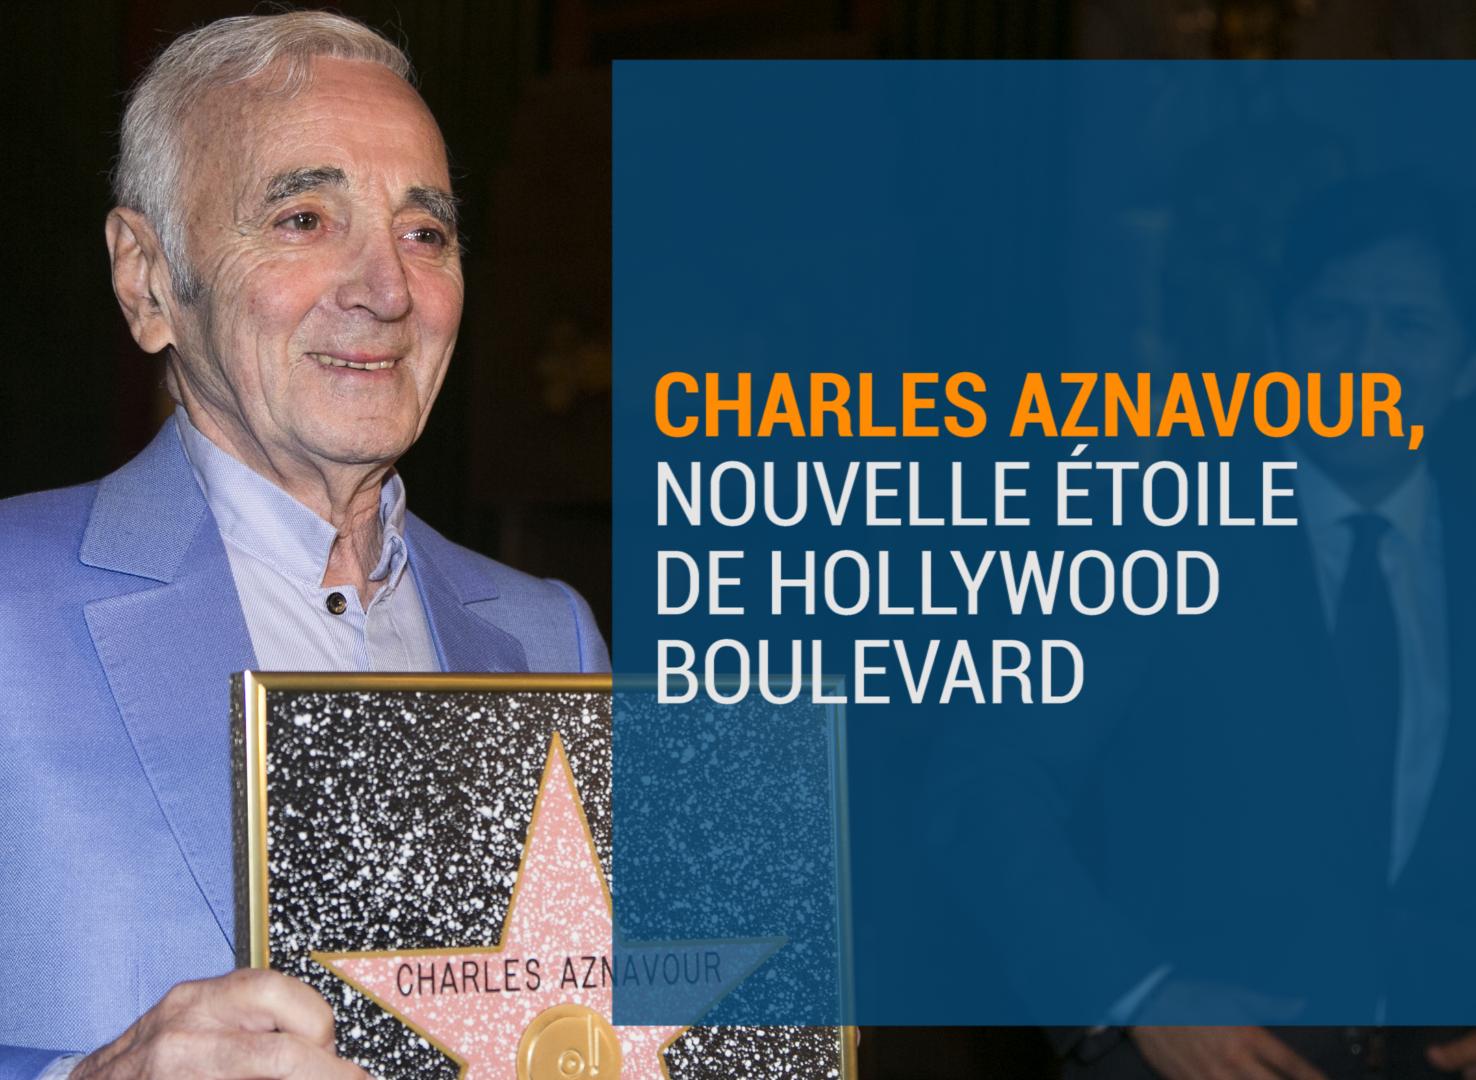 Charles Aznavour de retour sur scène l'hiver prochain?